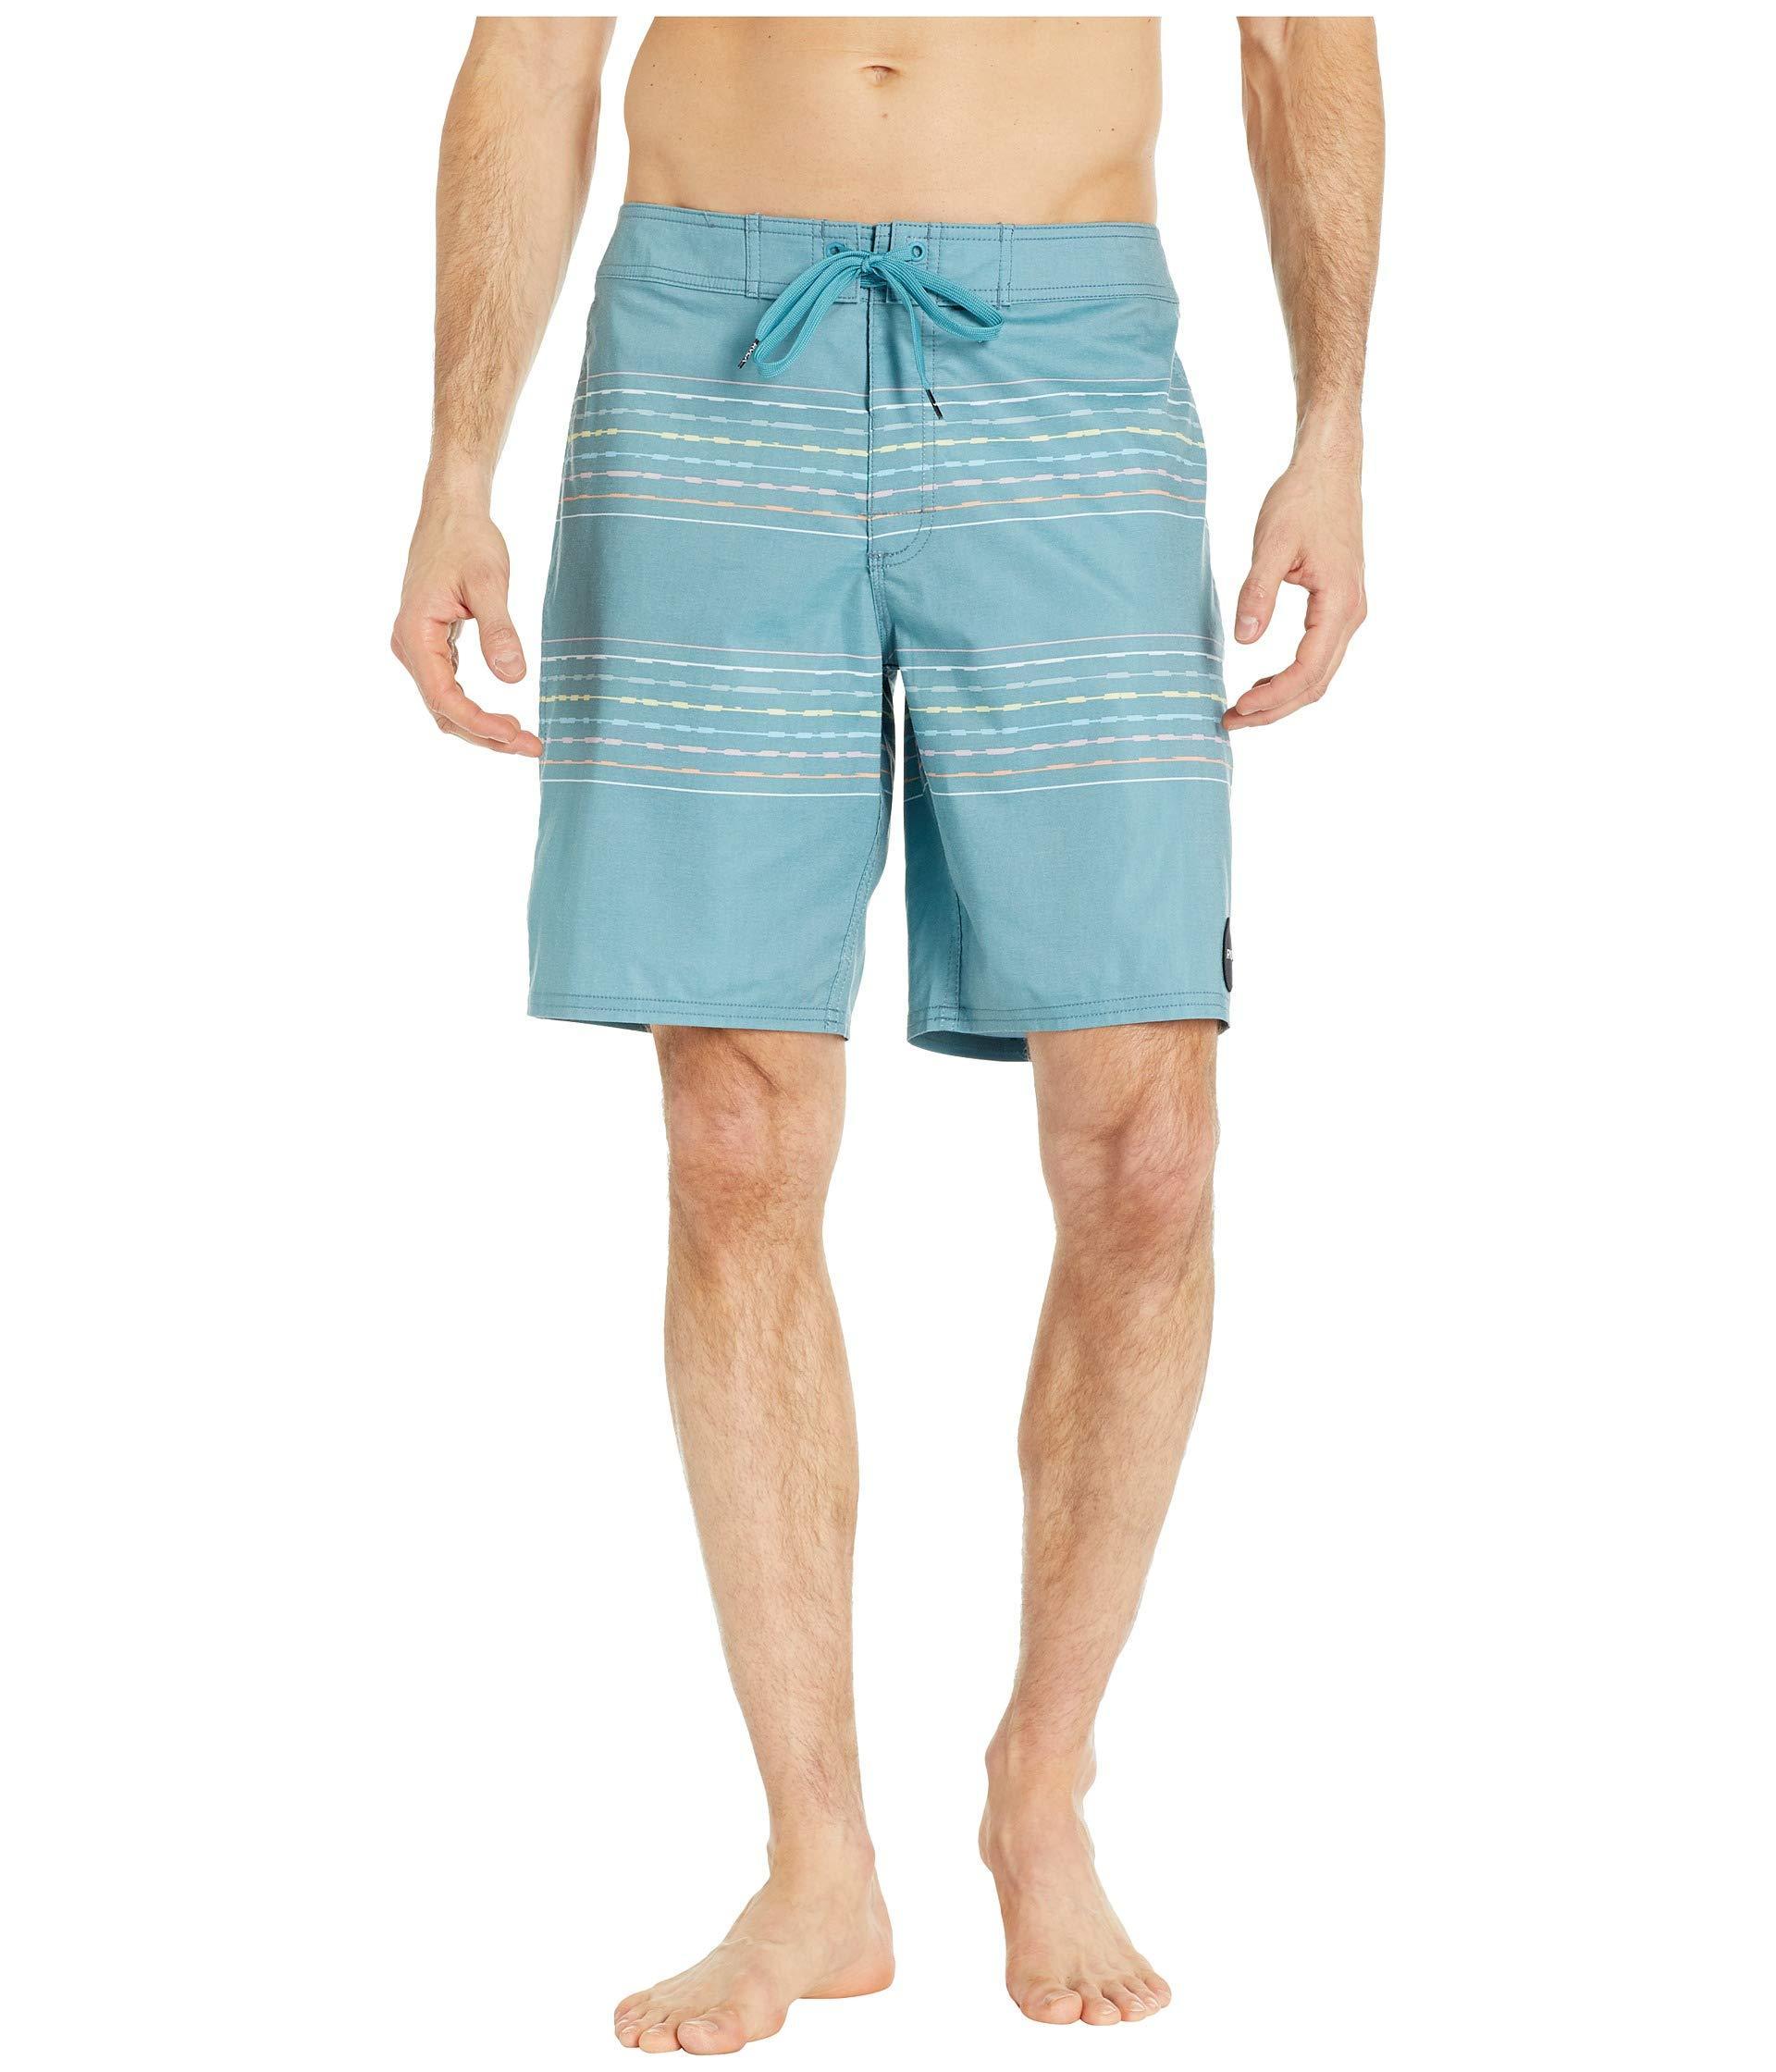 556e0ef176 Lyst - RVCA Double Vision Trunks (black) Men's Swimwear in Blue for Men